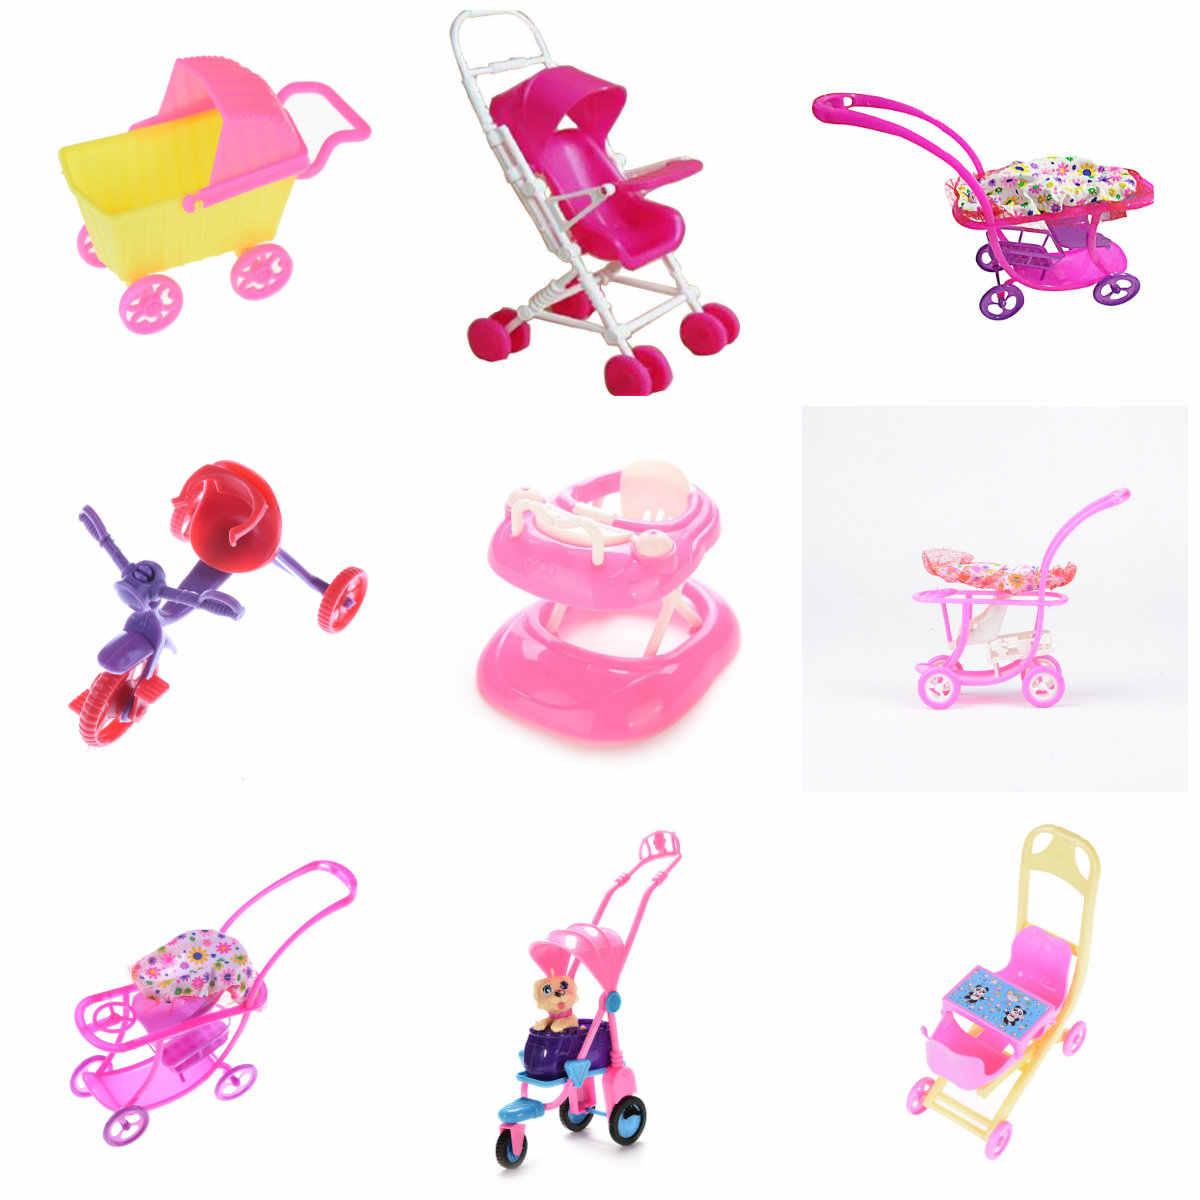 Кукольный домик мебель мини ходунки коляска Тележка для покупок куклы для мини куклы Детская девочка мебель кукла детская игрушка